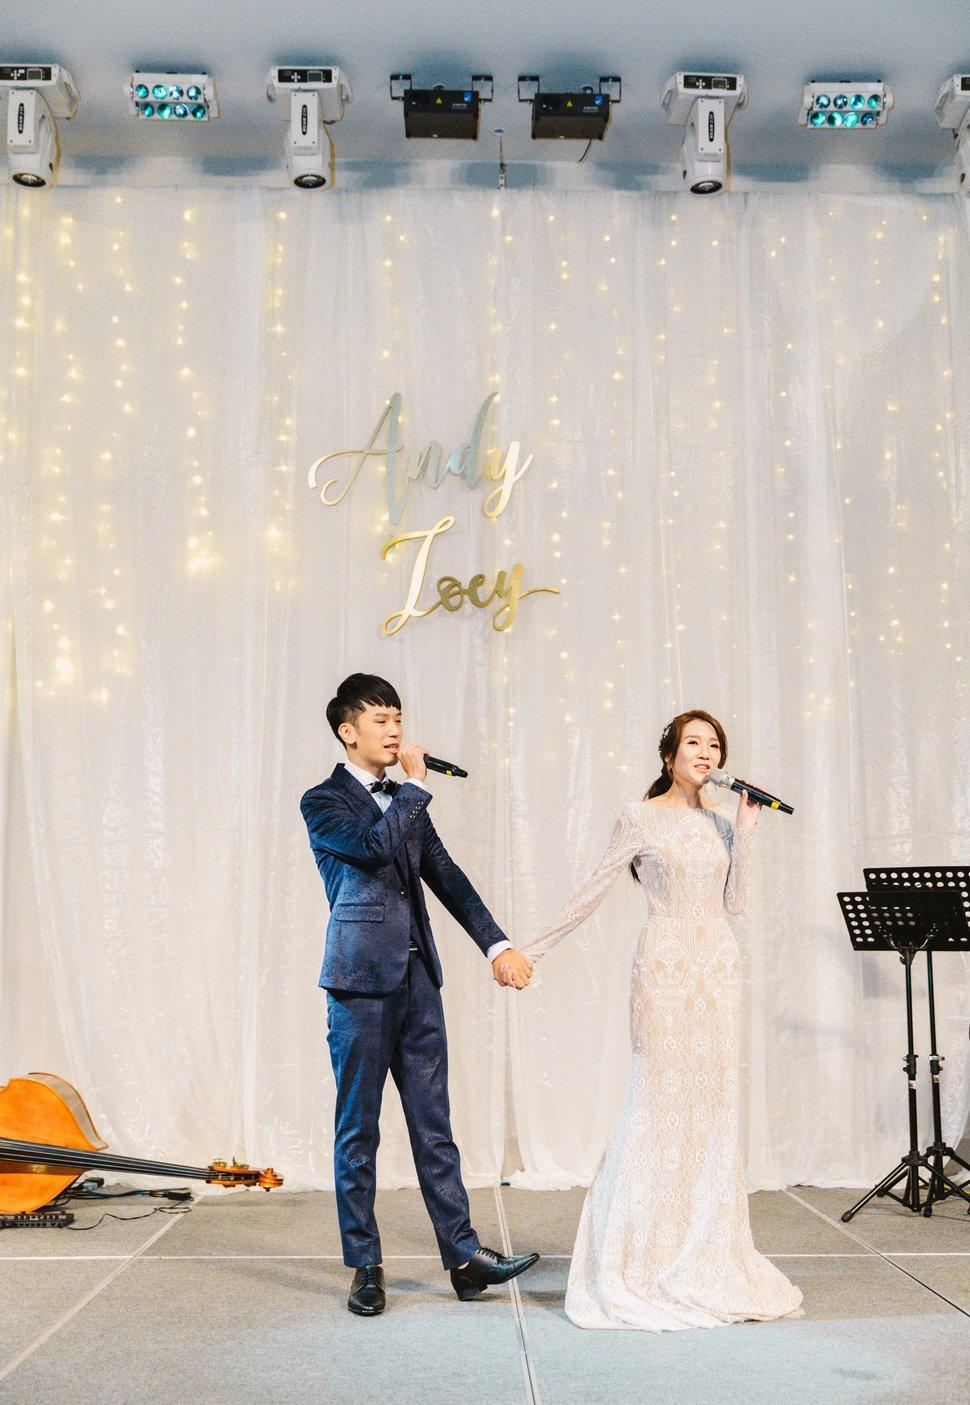 美式婚禮|Andy& Zoey Wedding | 萬豪酒店婚禮|美式婚禮紀錄 - 戶外婚禮 - 美式婚攝118 - Amazing Grace Studio - 結婚吧